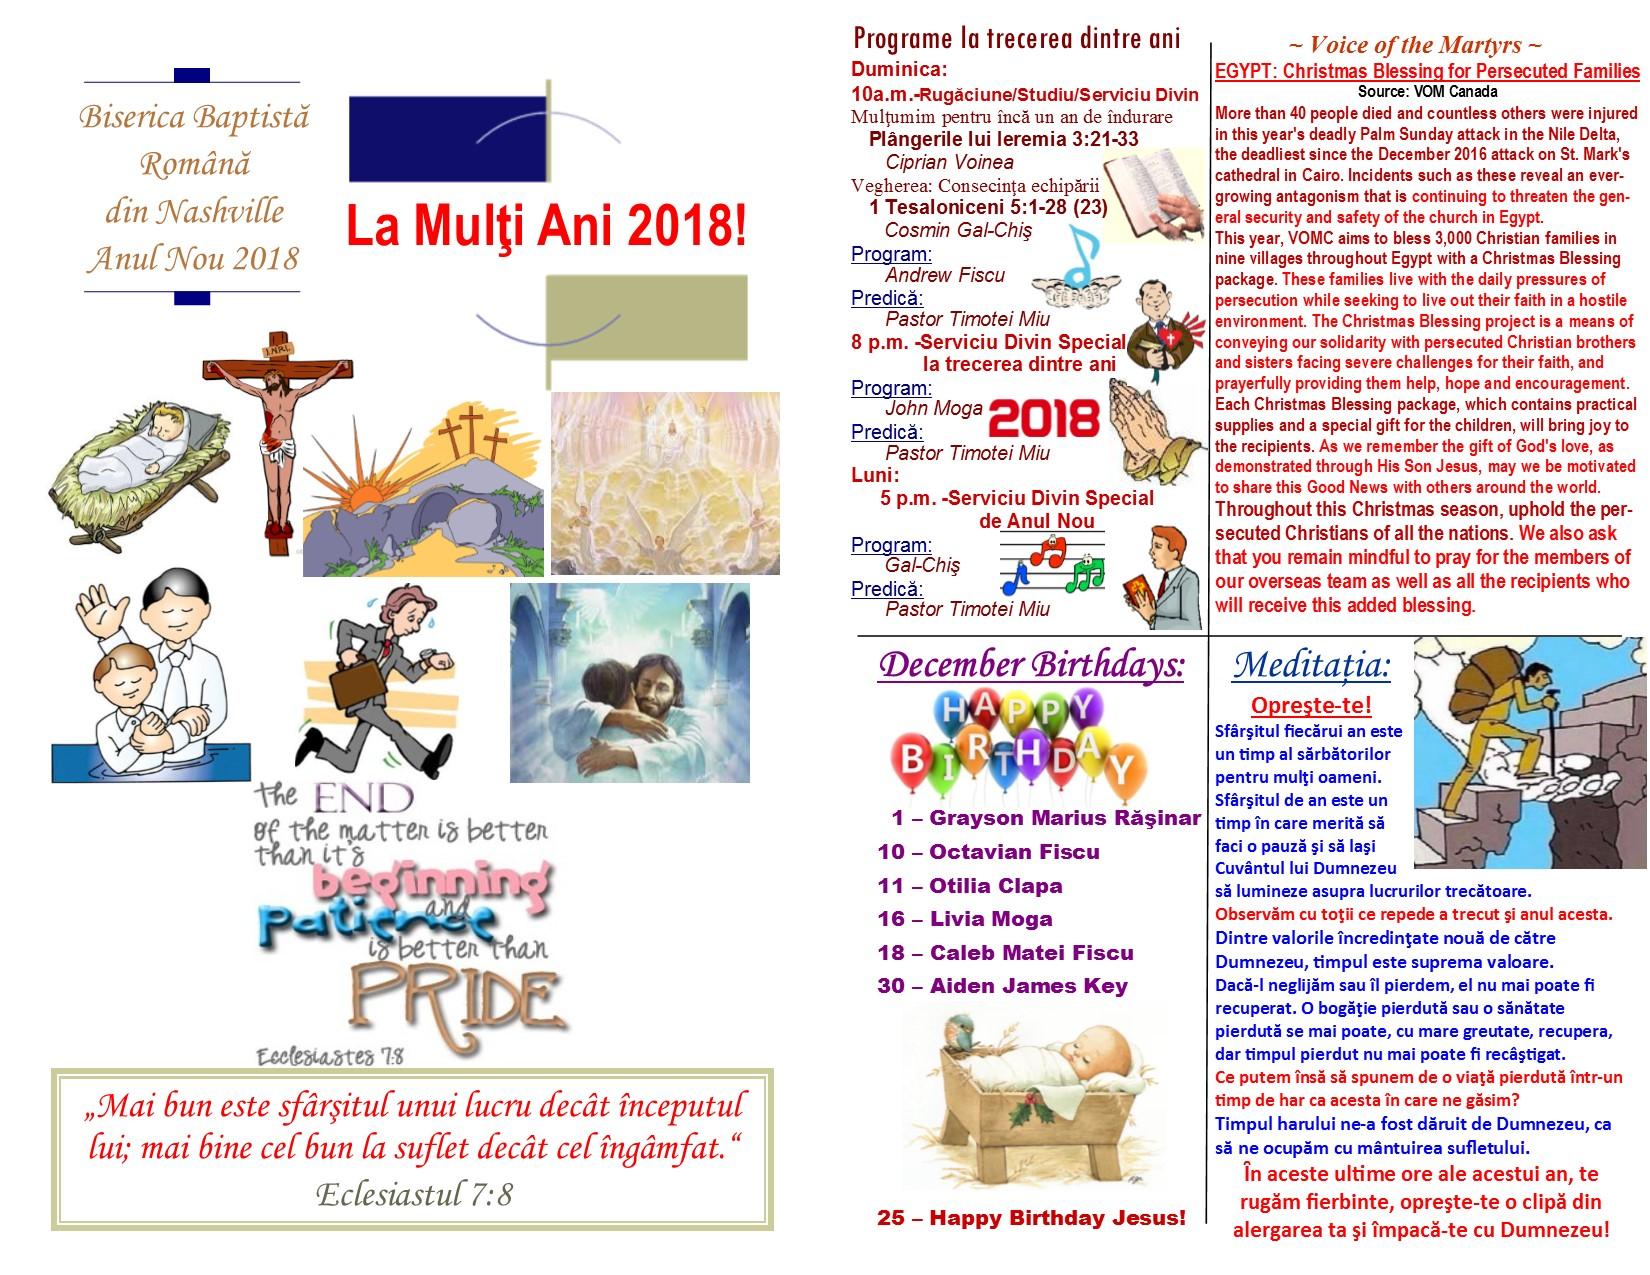 12-31-17 Buletin An Nou page 1 & 2